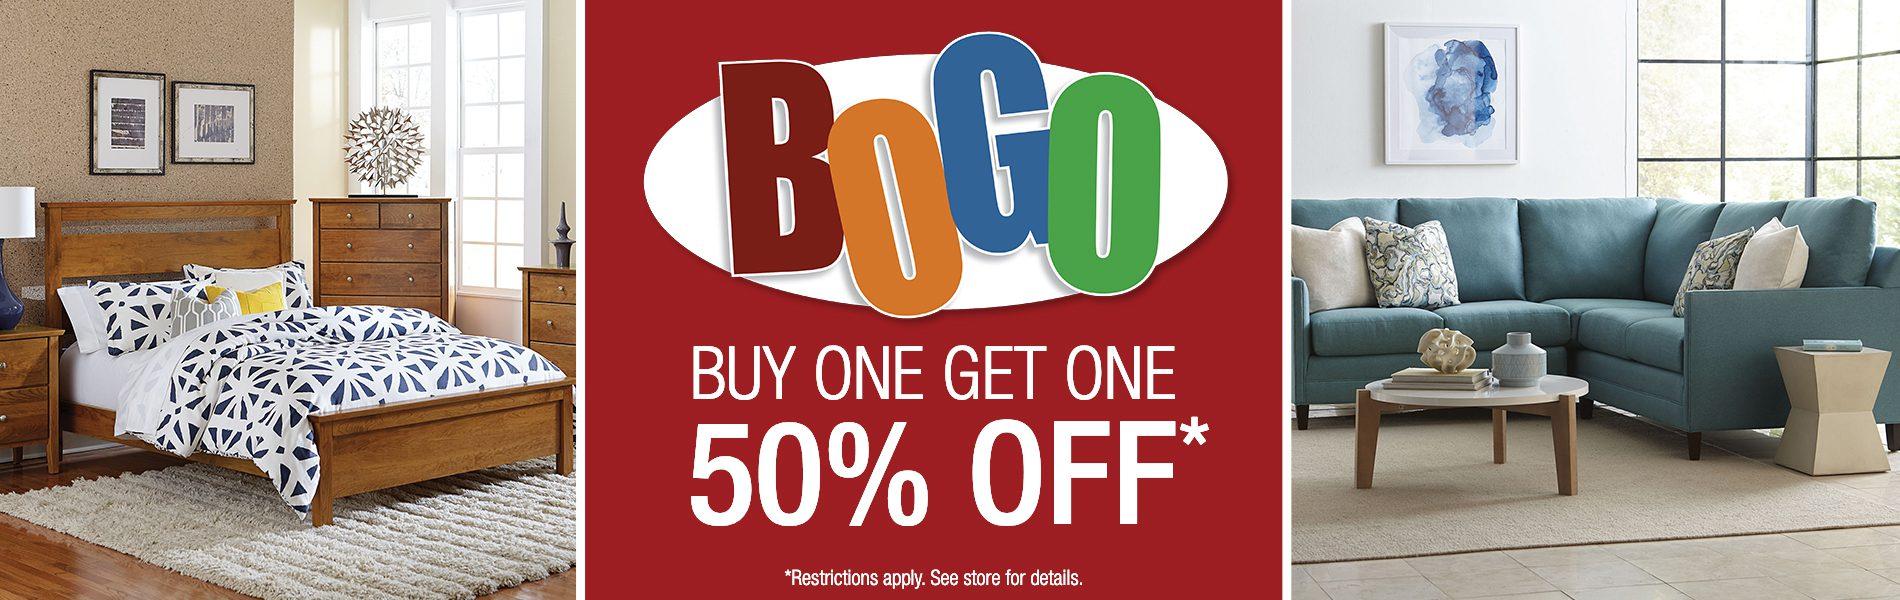 BOGO Sale Bedroom Upholstery